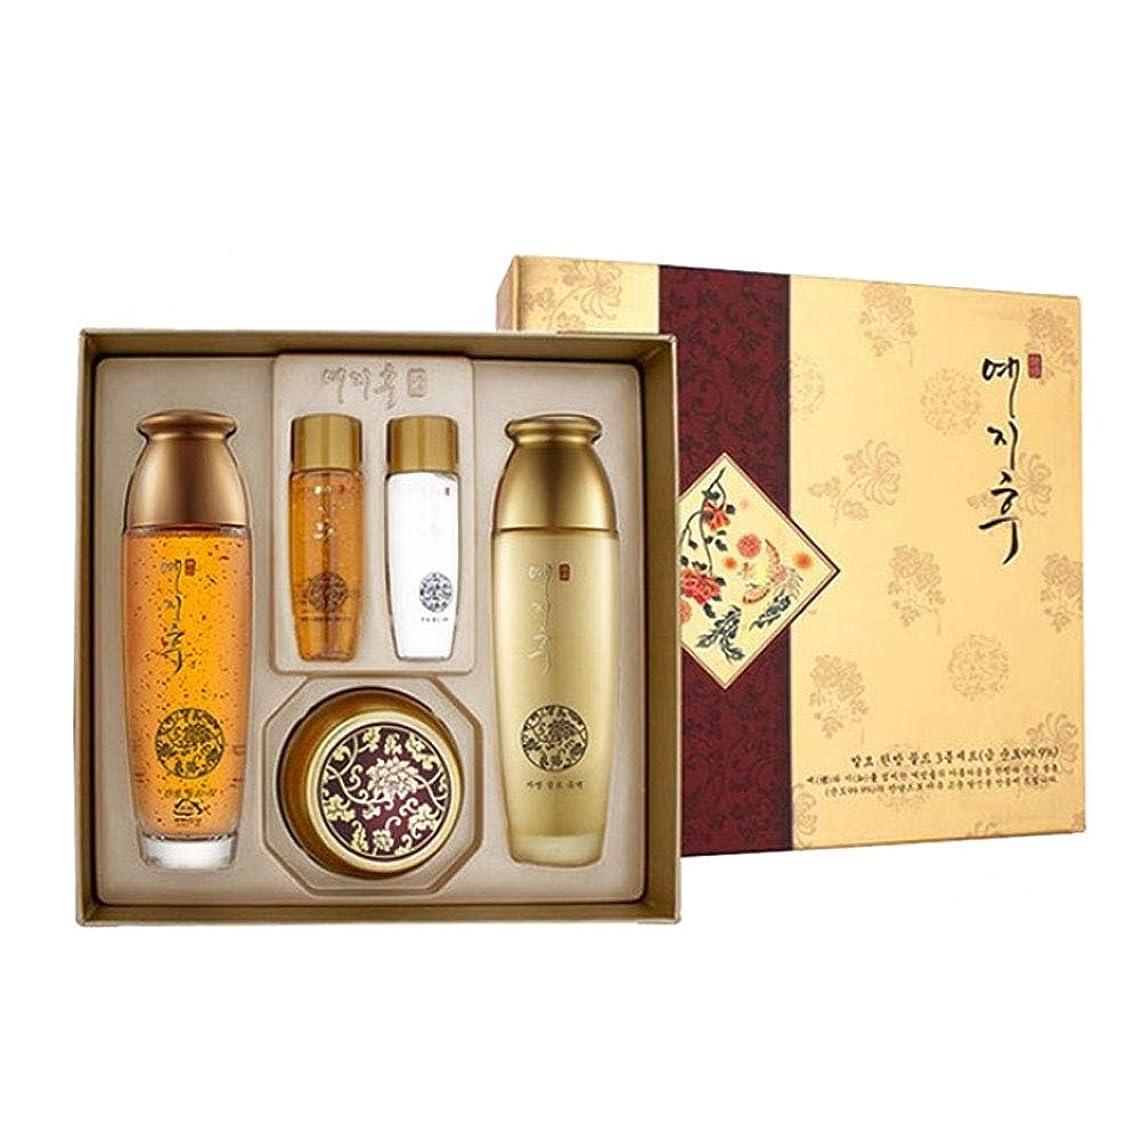 連続的モットーアーカイブイェジフ漢方ゴールド3種セットゴールド水180ml(150+30) ゴールド乳液180ml(150+30) ゴールド栄養クリーム50ml、Yezihu 3 Sets of Herbal Gold Cosmetics [並行輸入品]